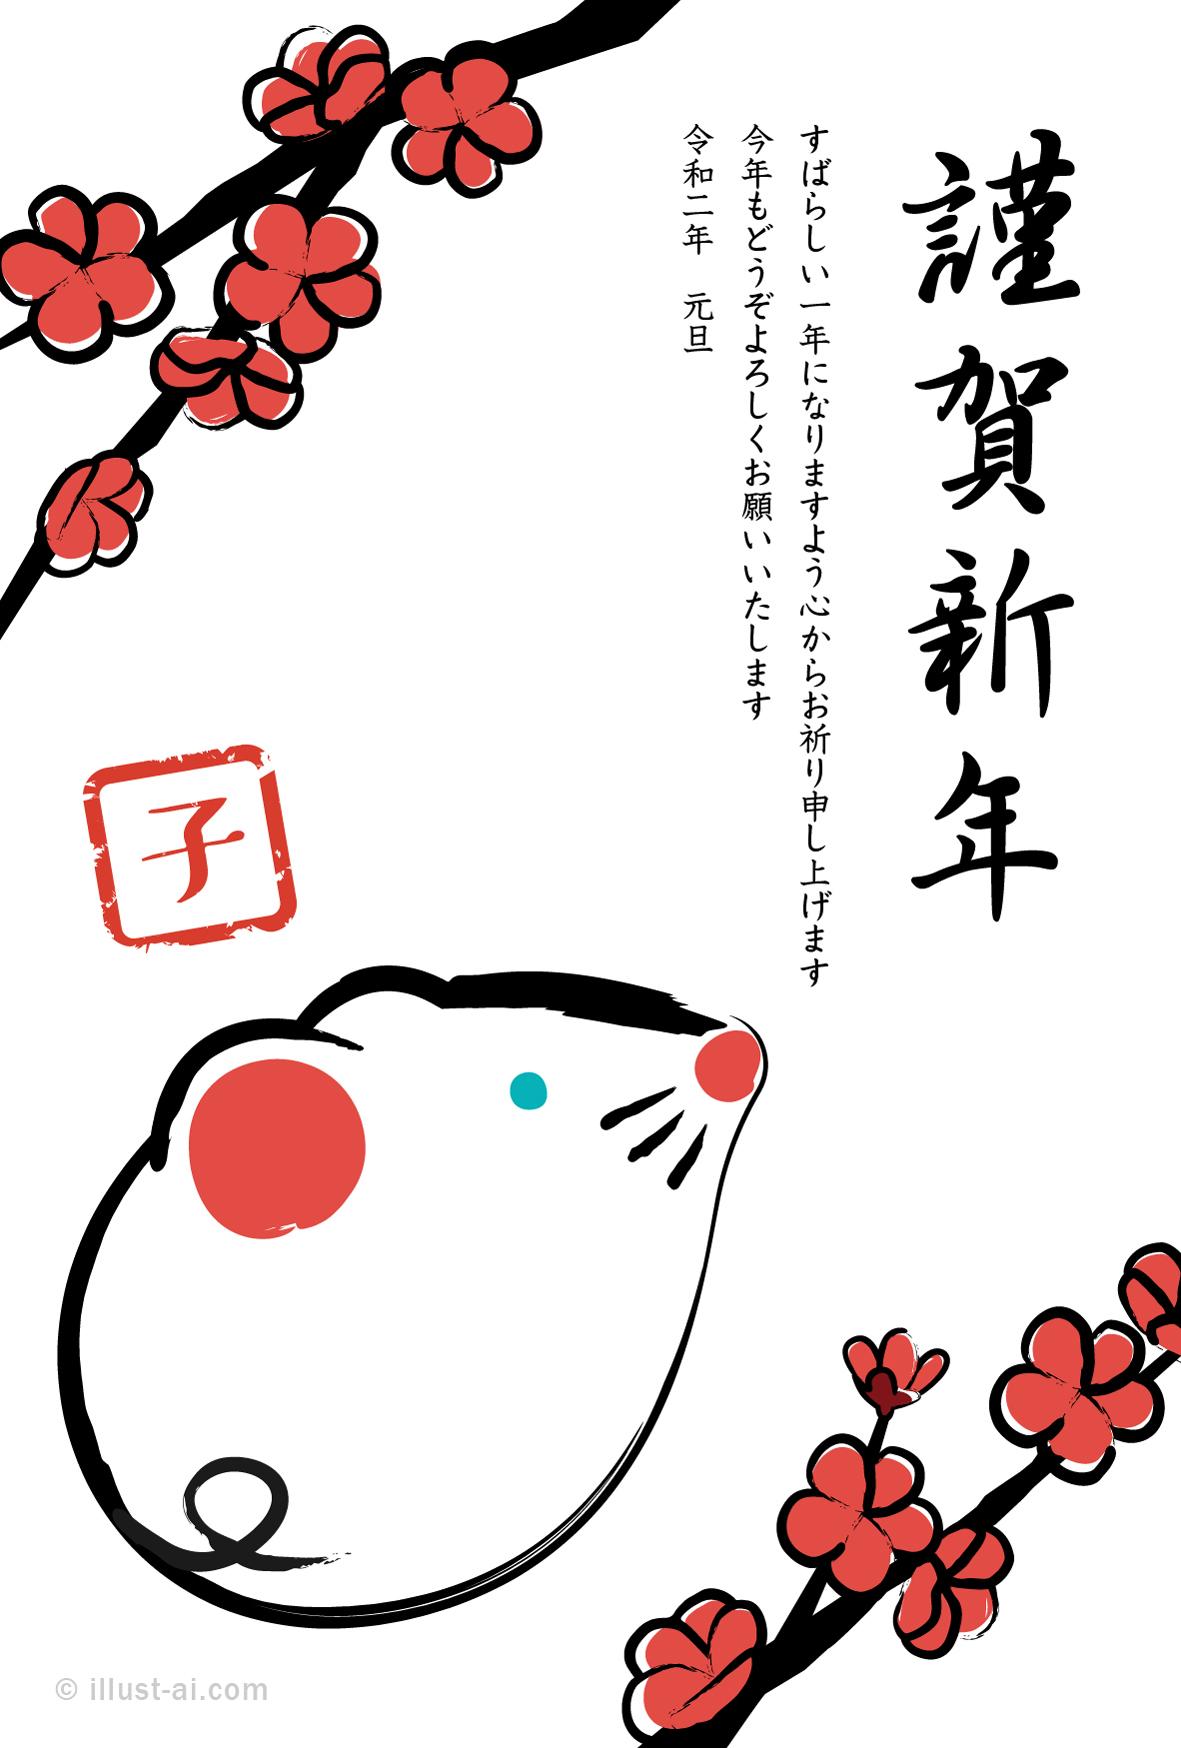 年賀状 子年墨絵風のネズミの張子と梅の花のイラスト 年賀状イラスト